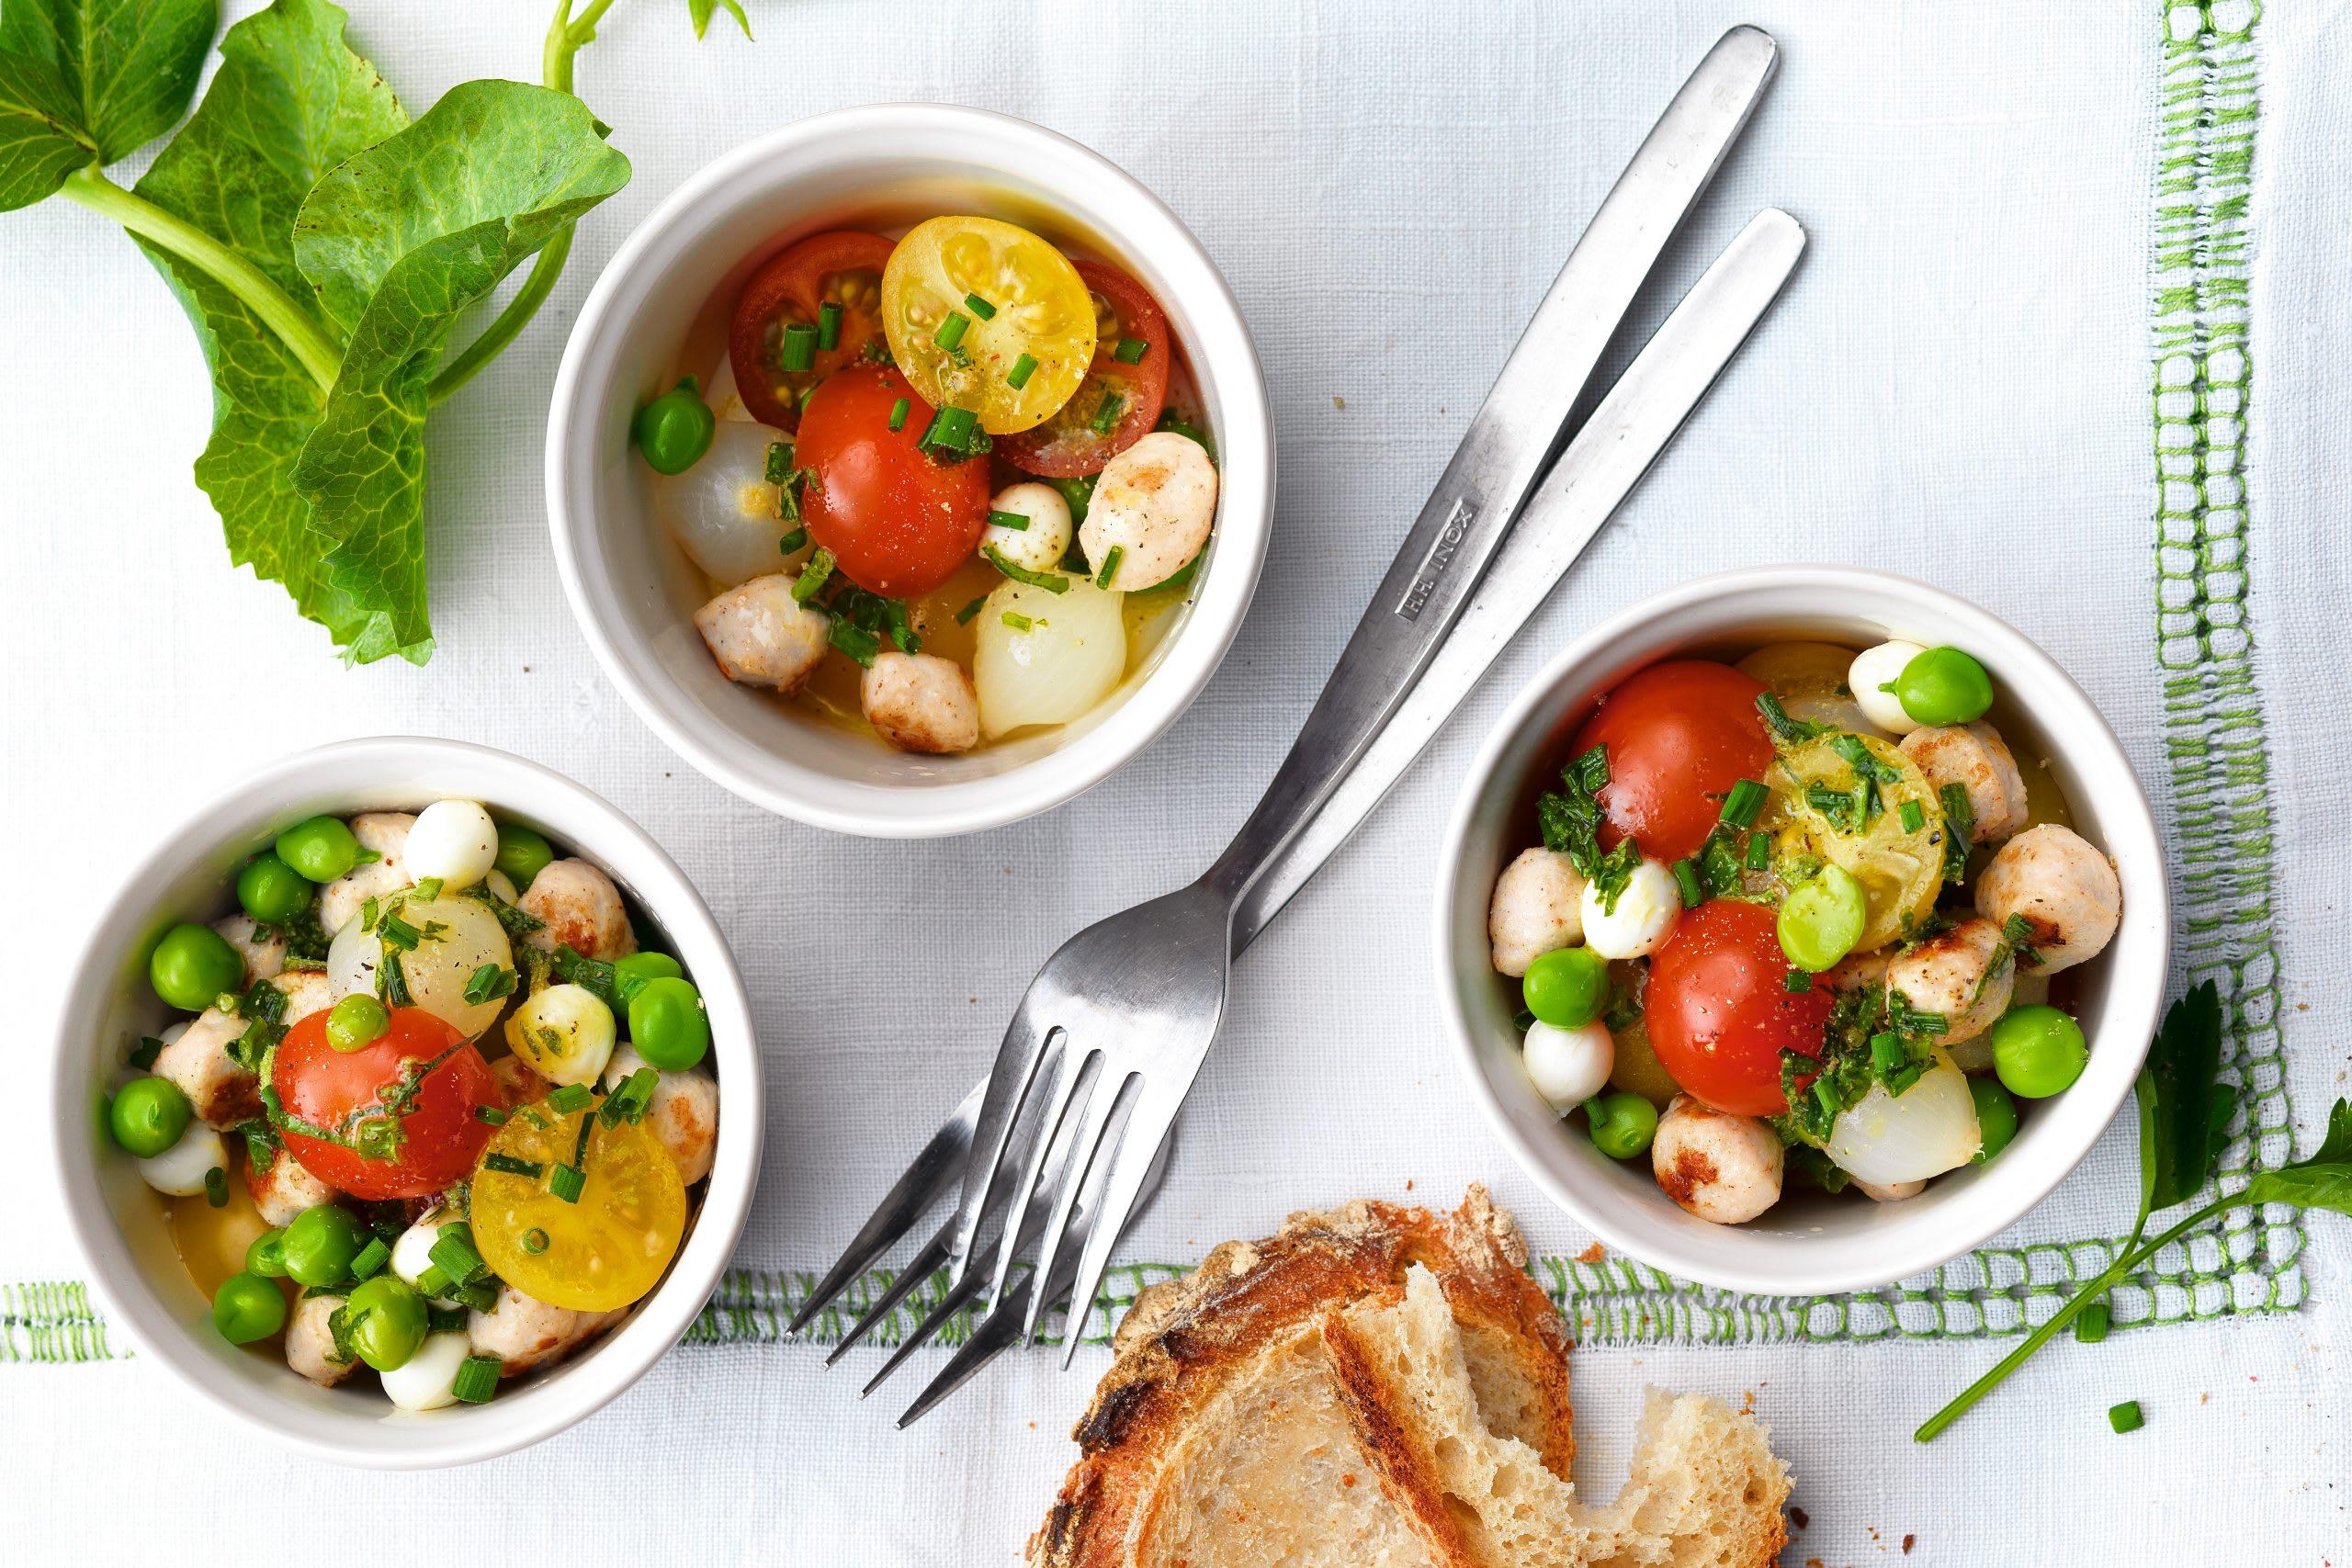 Salade tomate-mozzarella aux boulettes de viande